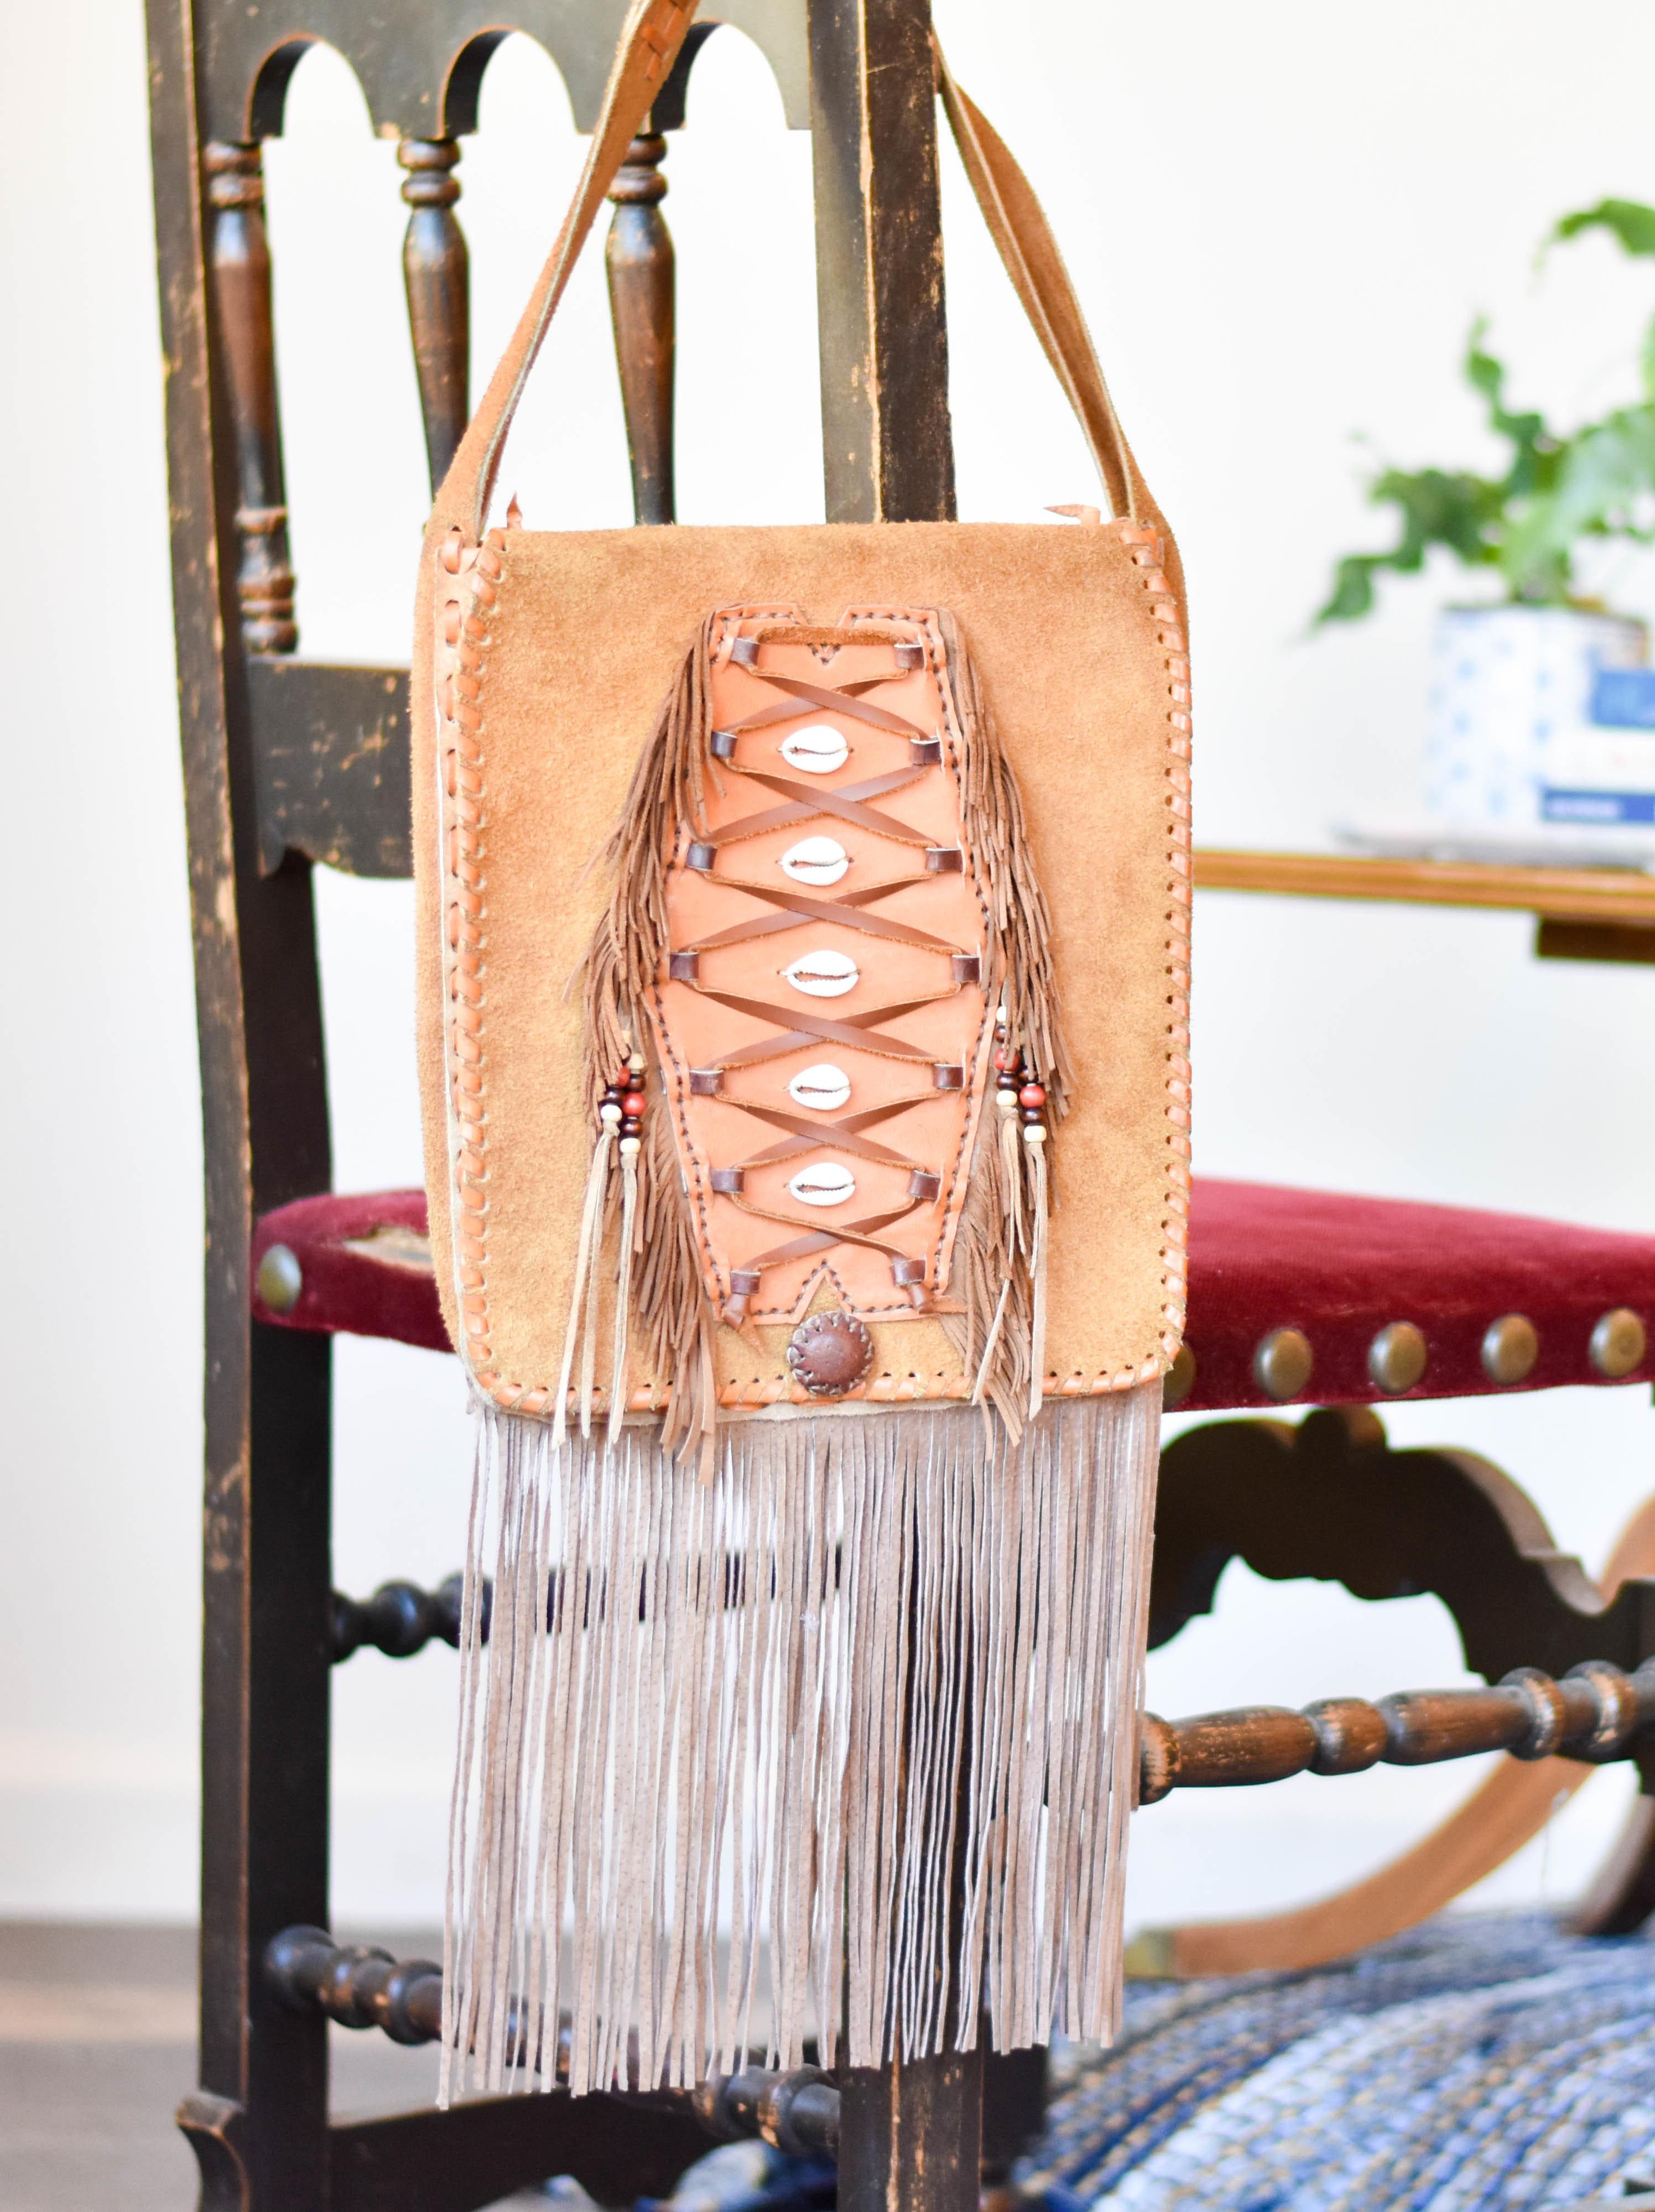 leather boho fringe bag YCZHP2S52P8H2